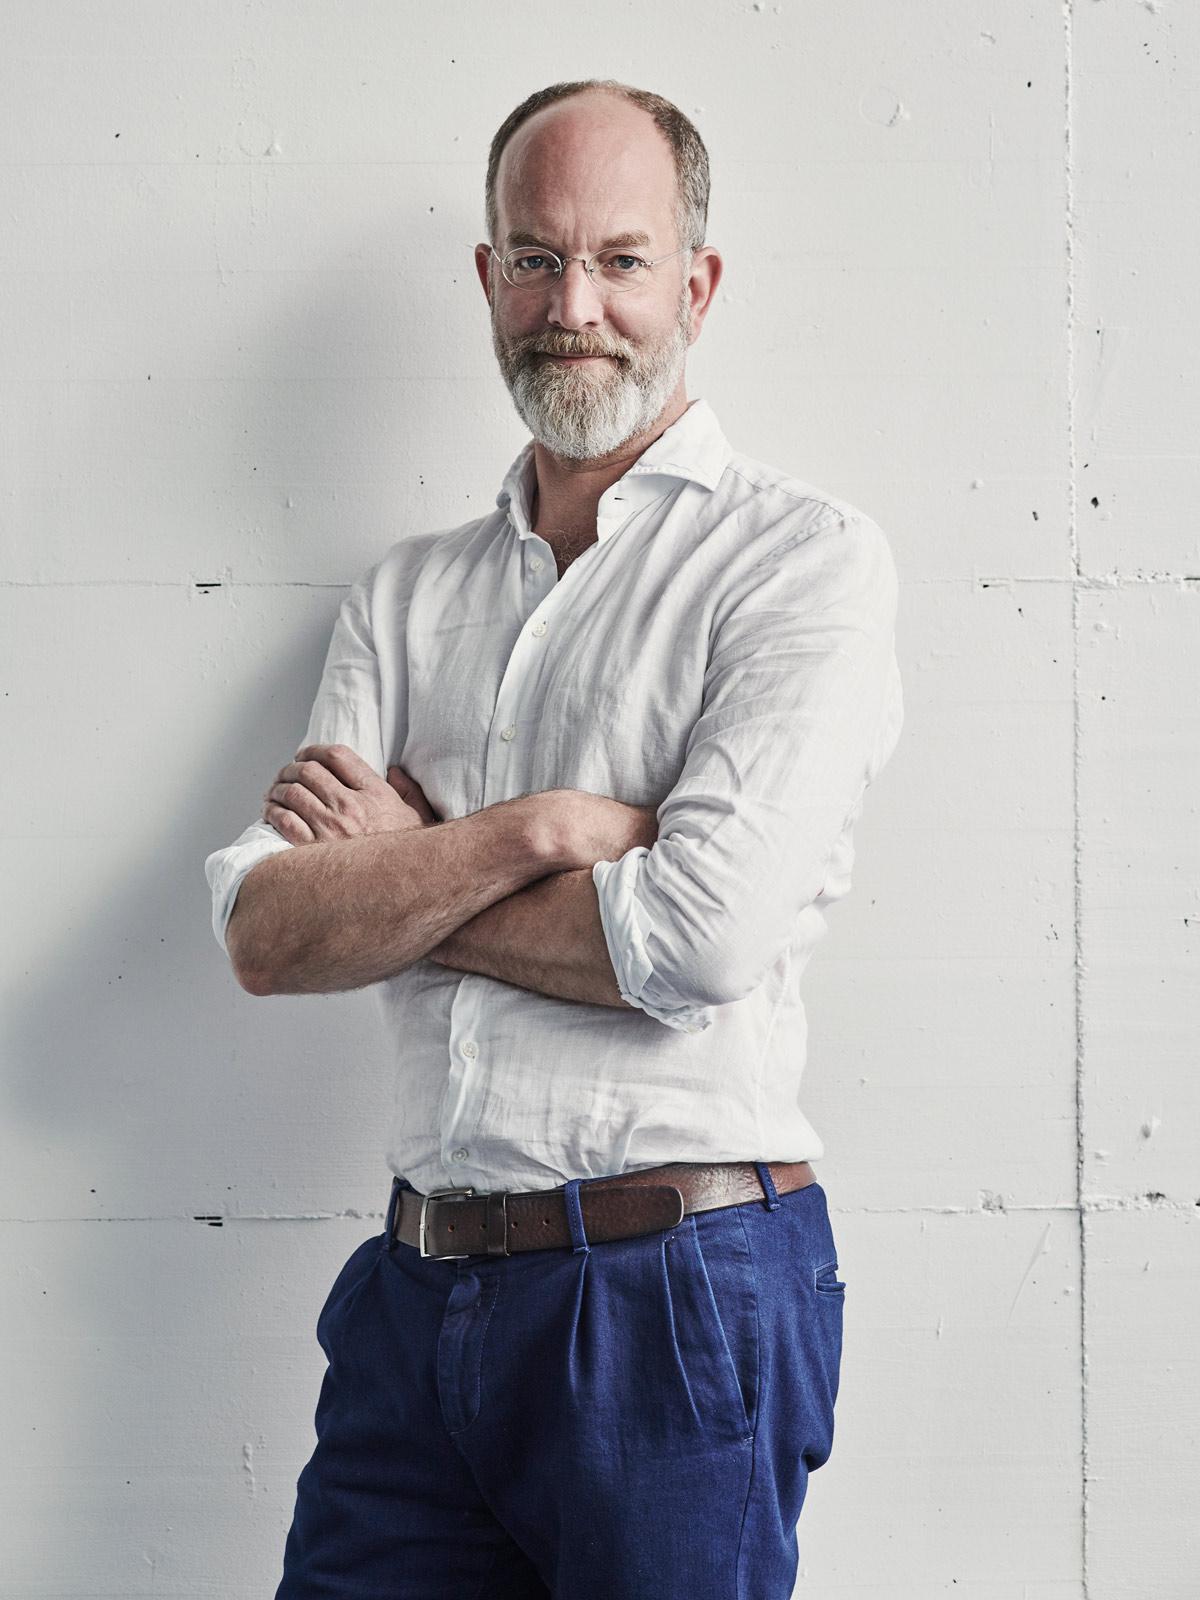 bernhard-duss-textildesign-costumedesign-kostümbildner-textildesigner-szeneograph